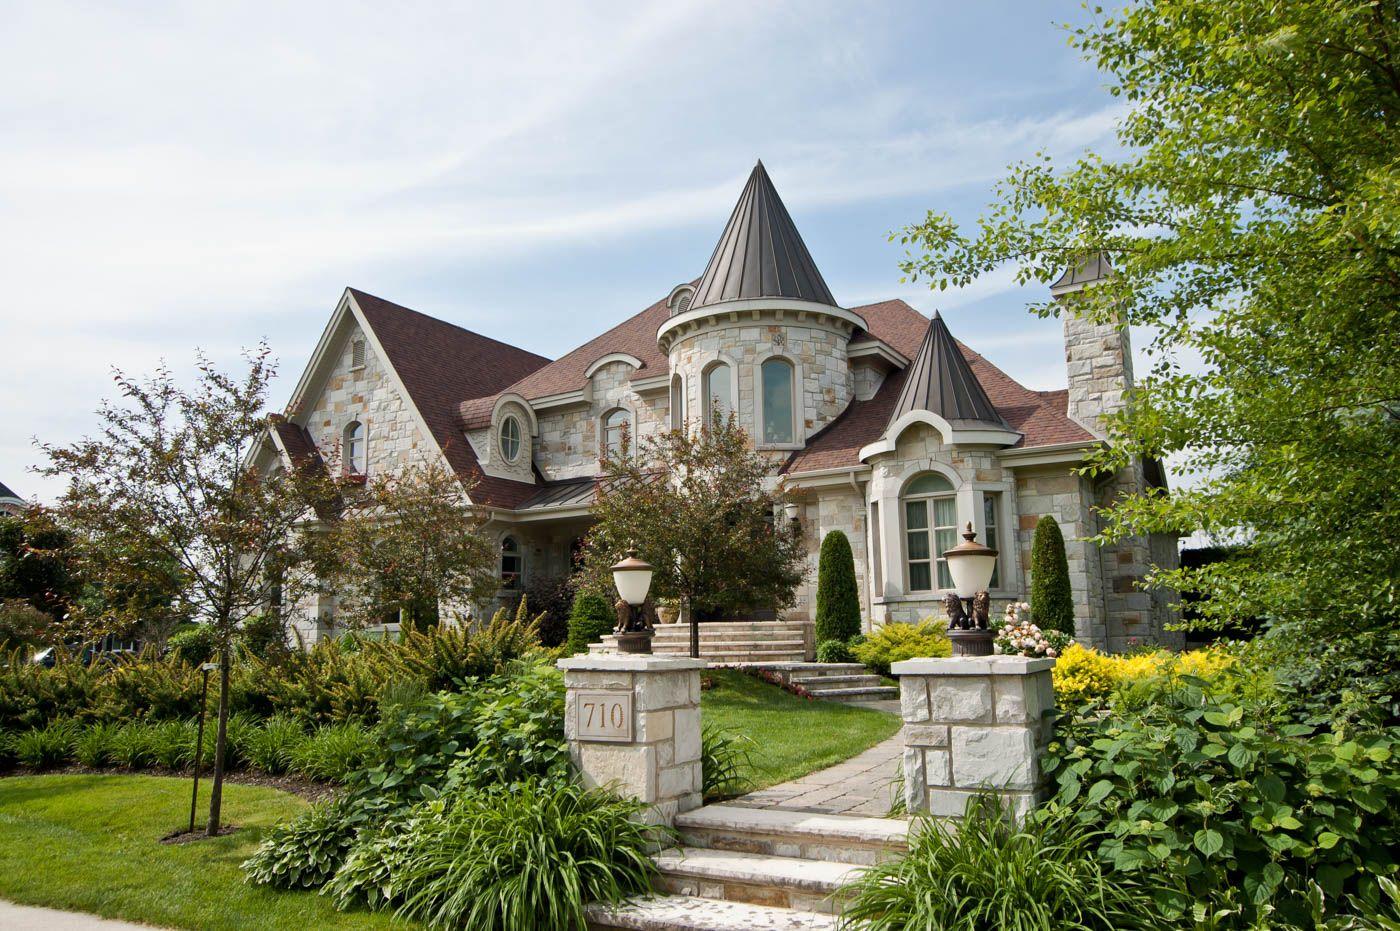 710 Rue Rostand Jacques Cartier Sherbrooke Maison A Etages Equipe Berube Cliquez Pour Plus De Photos Equipebe Maison A Etage Maison A Vendre Maison